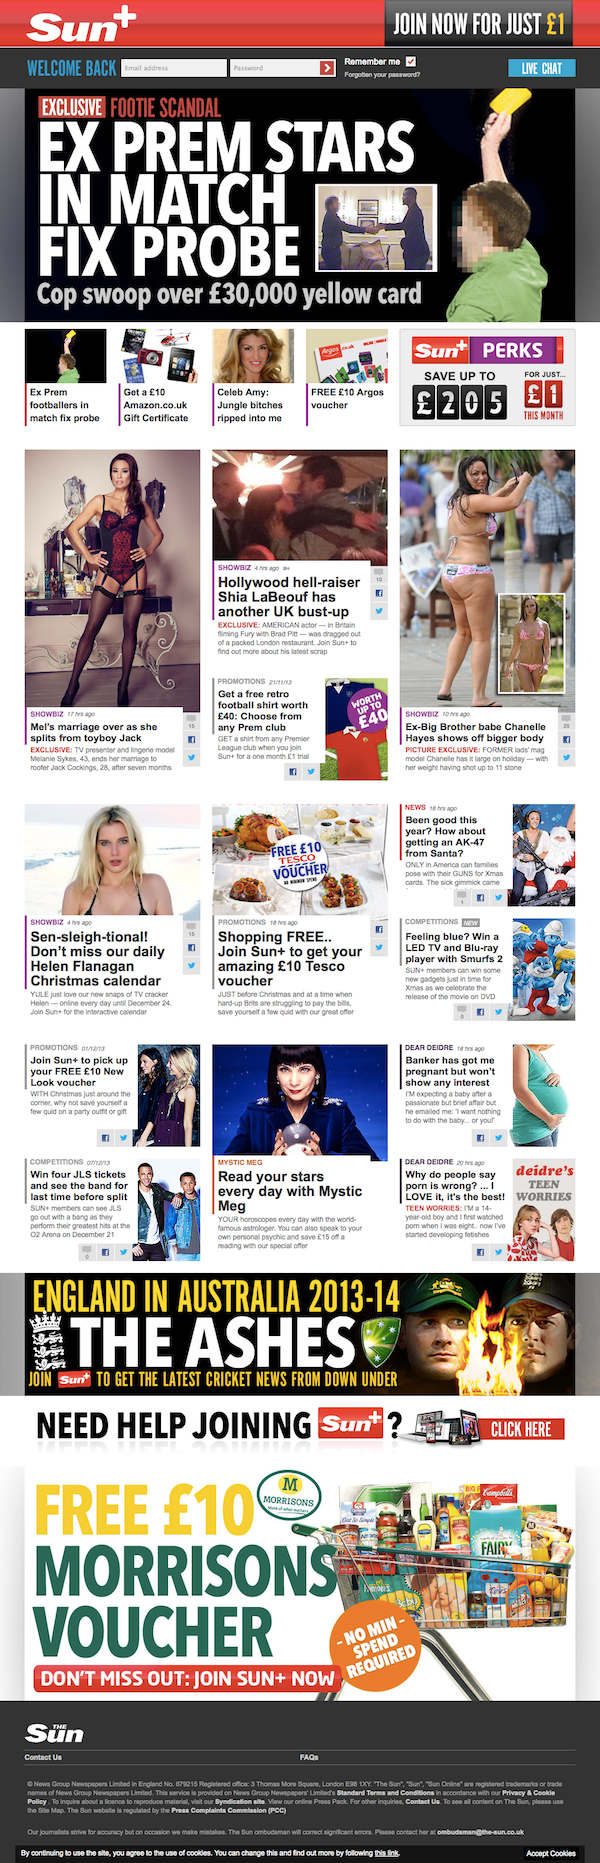 Titulní strana zpoplatněného webu The Sun